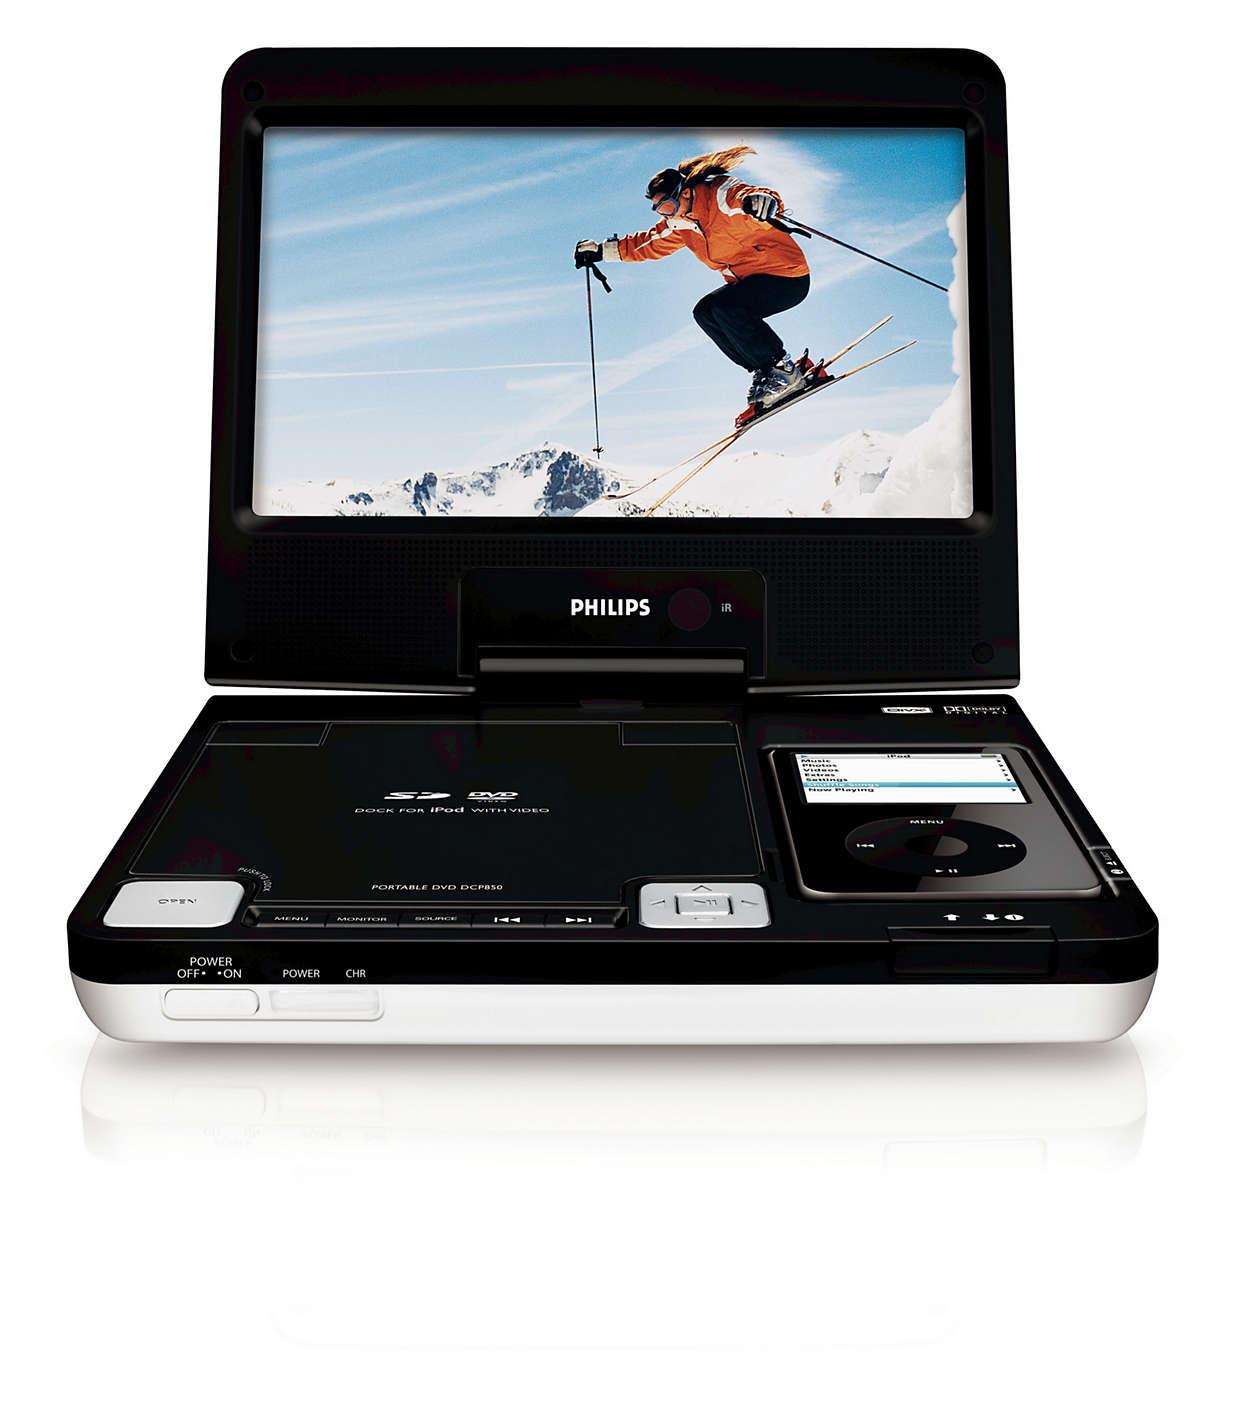 Kos deg med videoer fra iPod, DVD og SD-kort